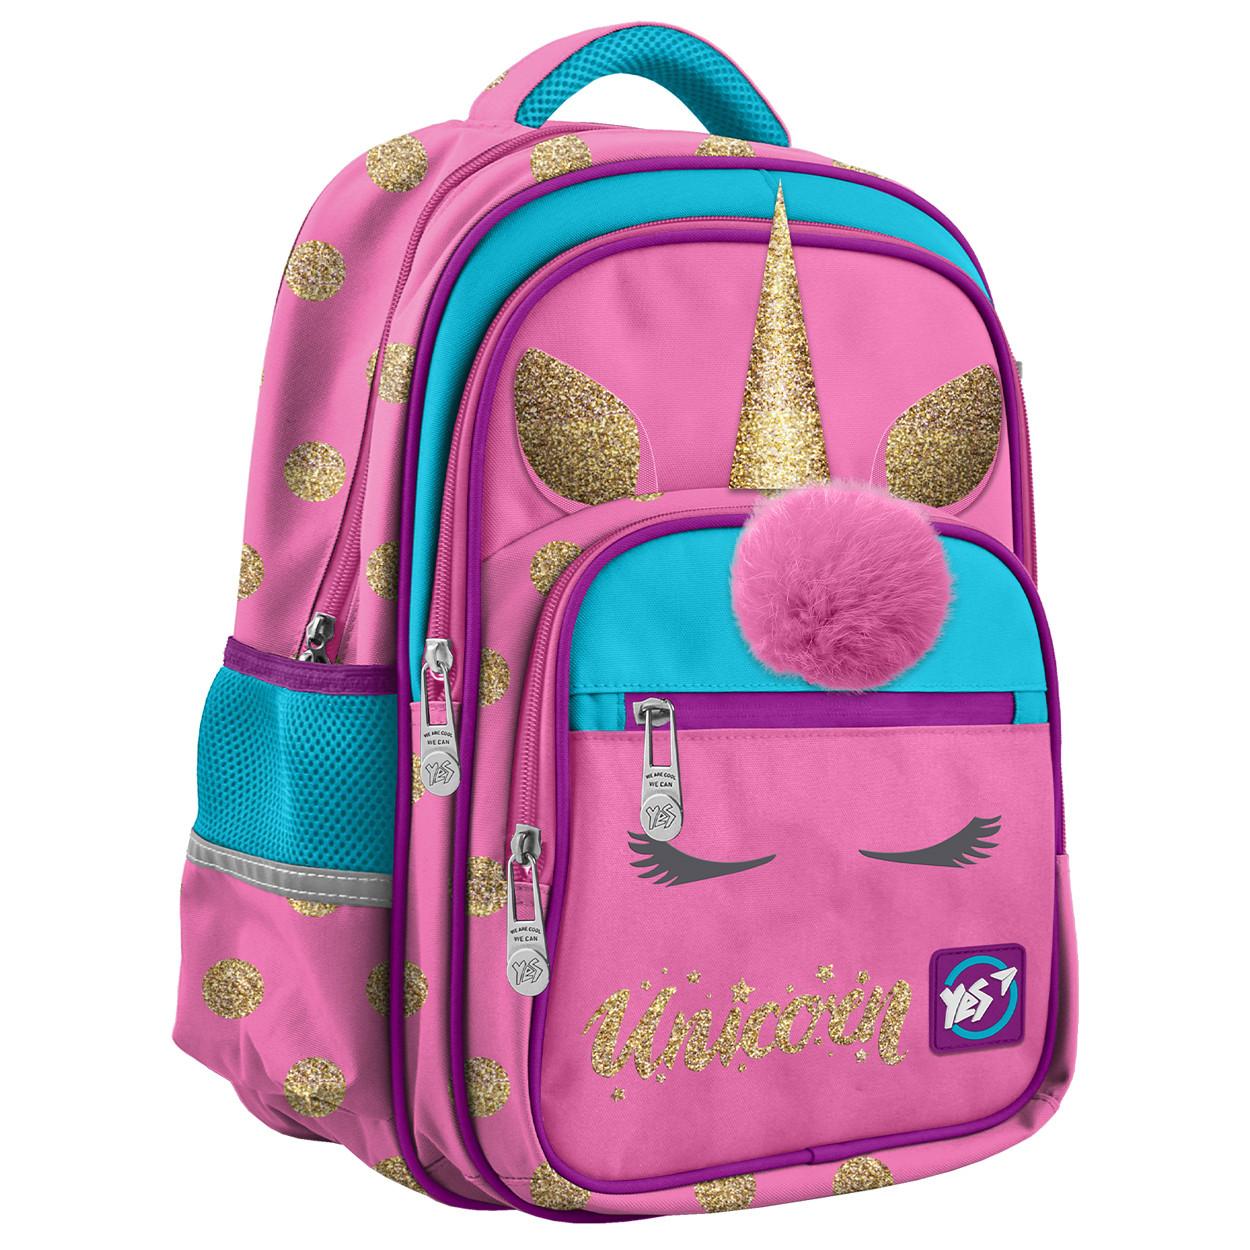 Школьный каркасный рюкзак для девочки с единорогом YES S-37 Unicorn 38х29х14см Розовый (558163)+Подарок 3 месяца пользования приложением Родительский